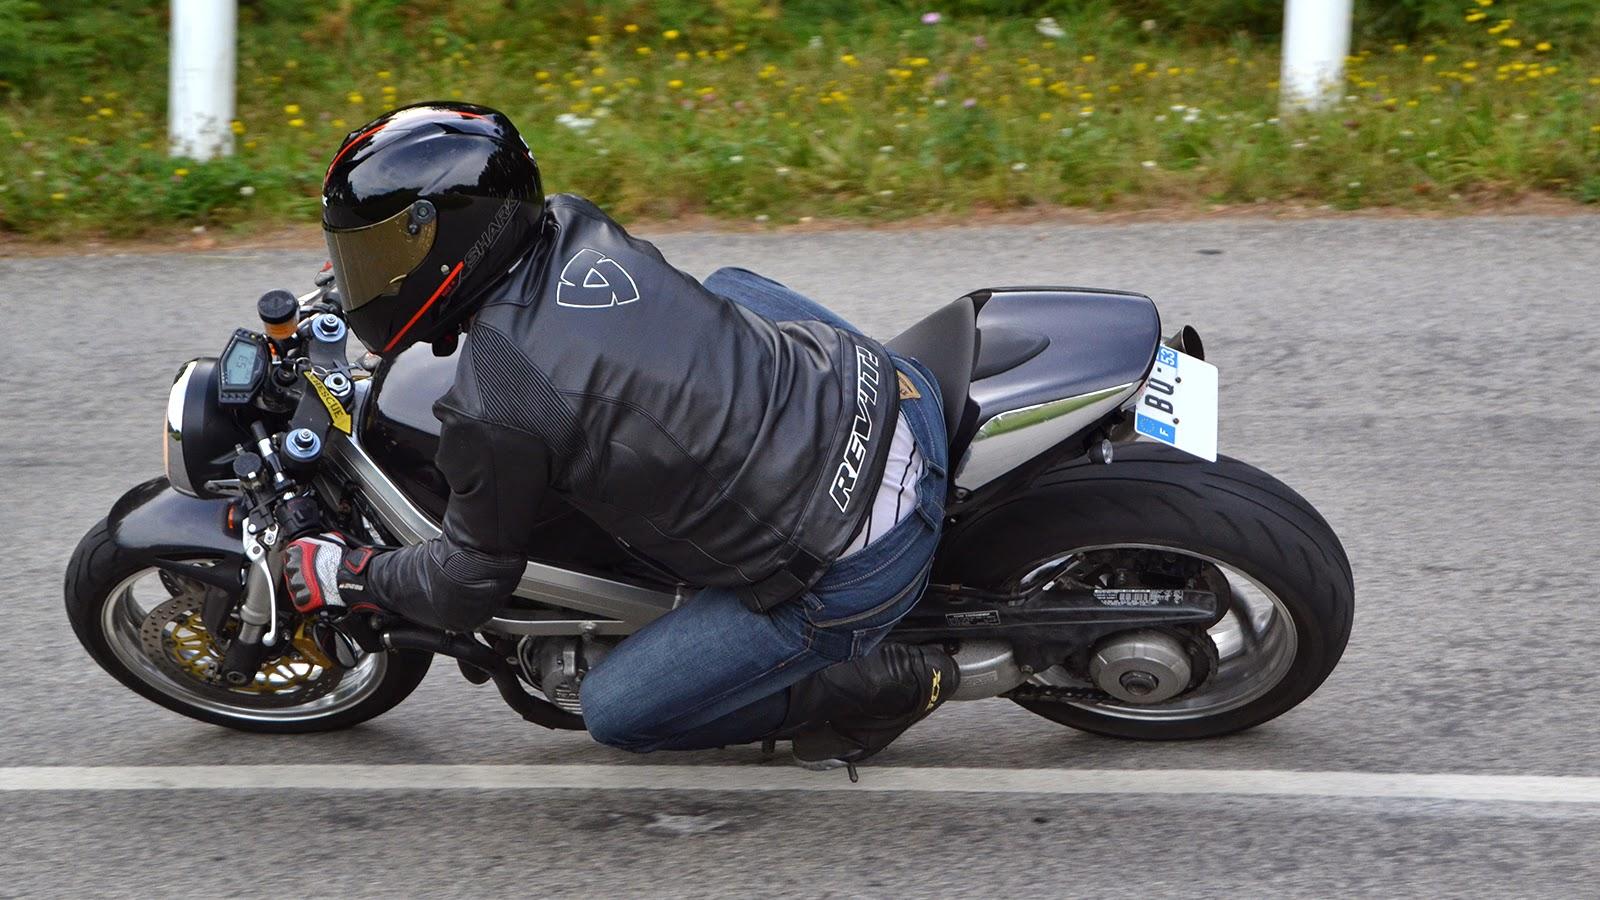 Honda Cb750 Cafe Racer >> Honda VFR 750 RC36 Cafe Racer | 99garage | Cafe Racers Customs Passion Inspiration